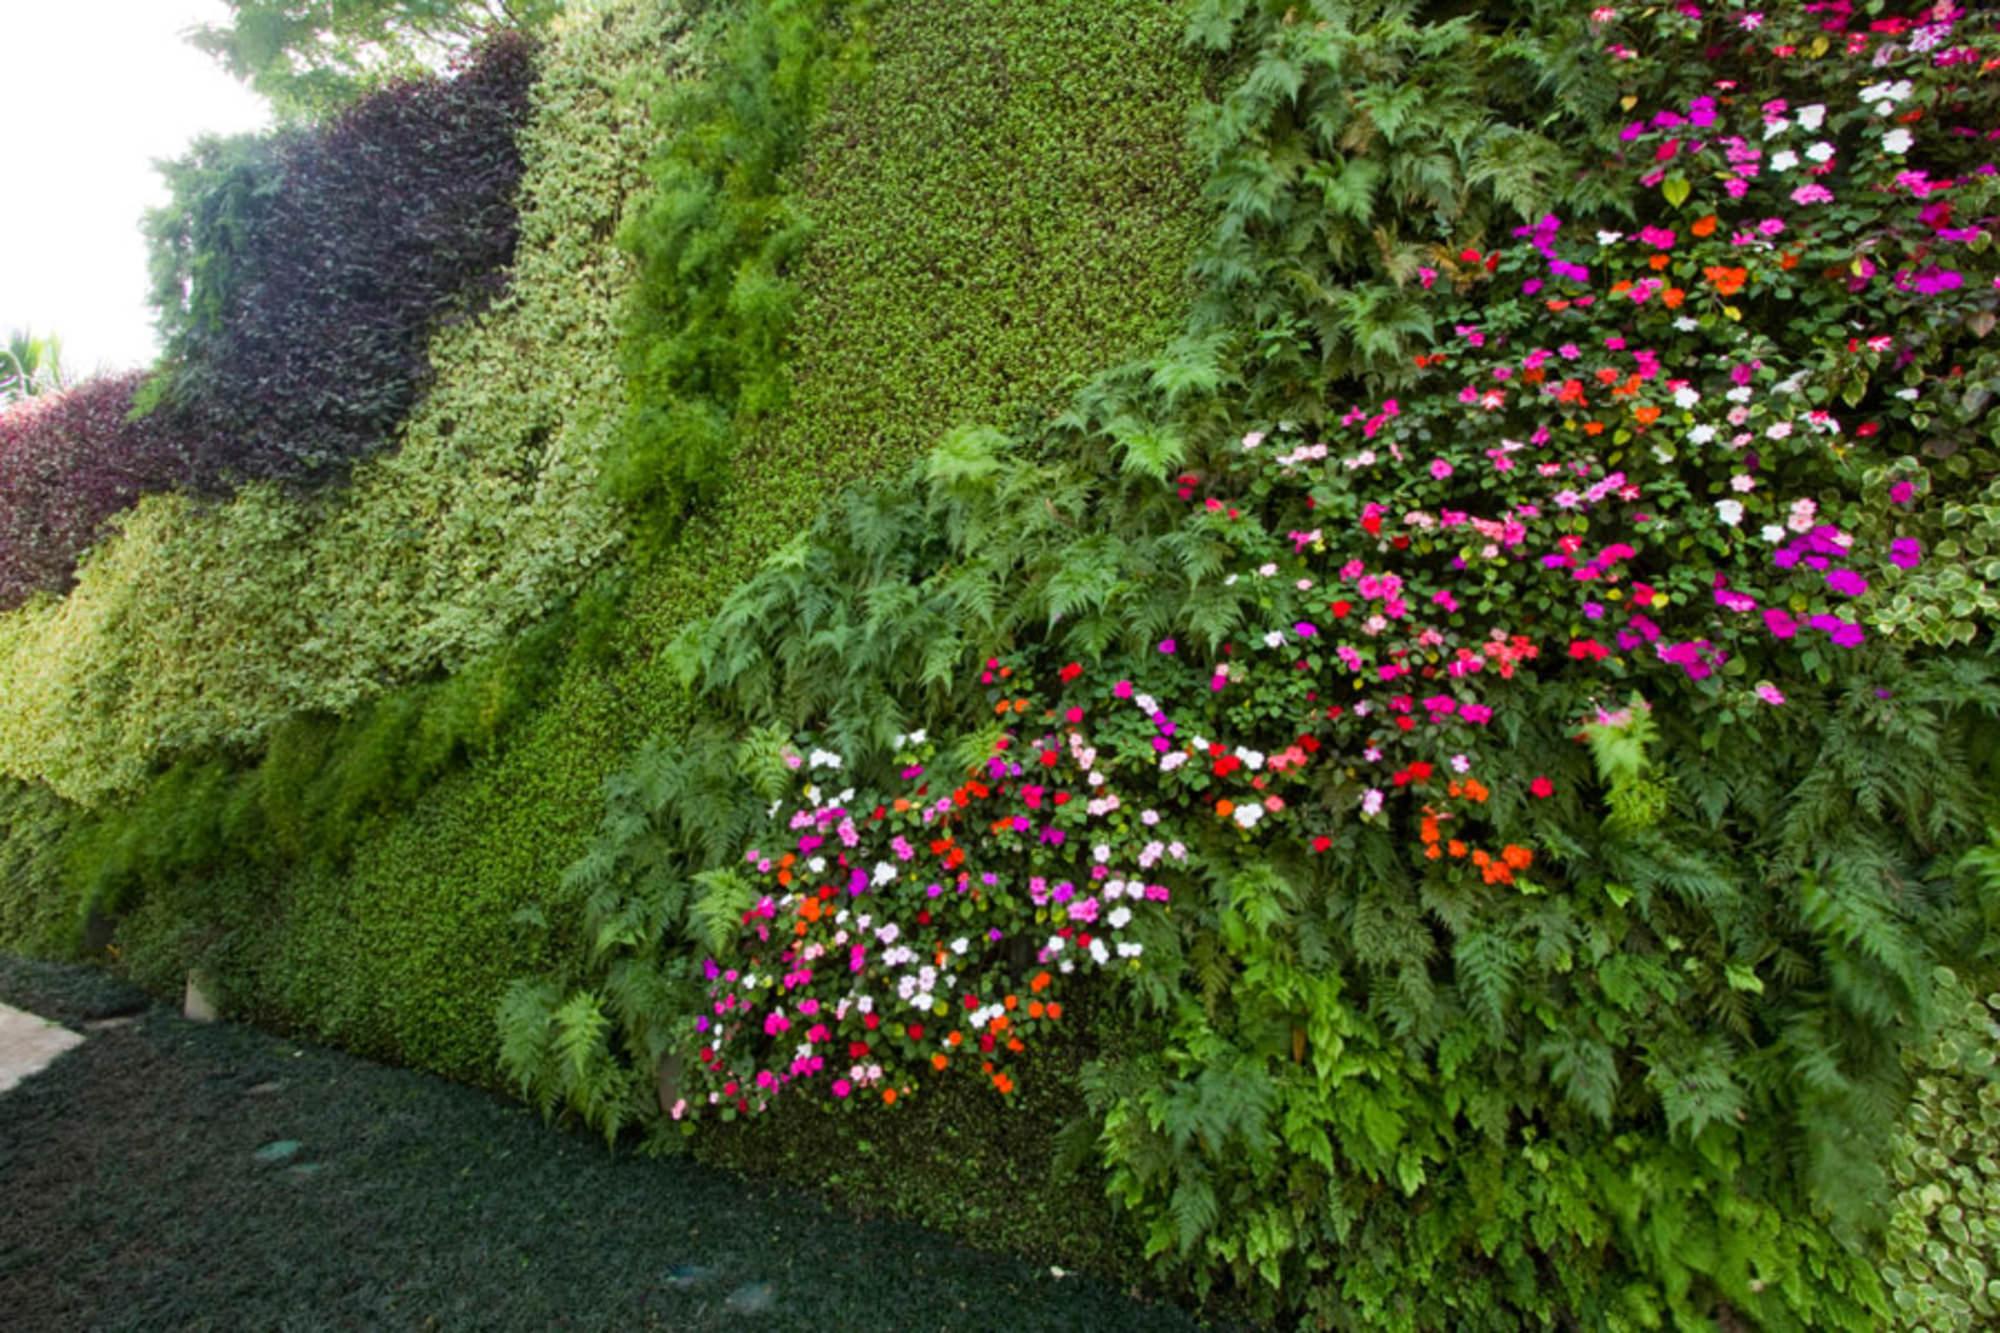 jardim vertical tipos de plantas:Veja como montar um jardim vertical em sua casa – Jacobucci